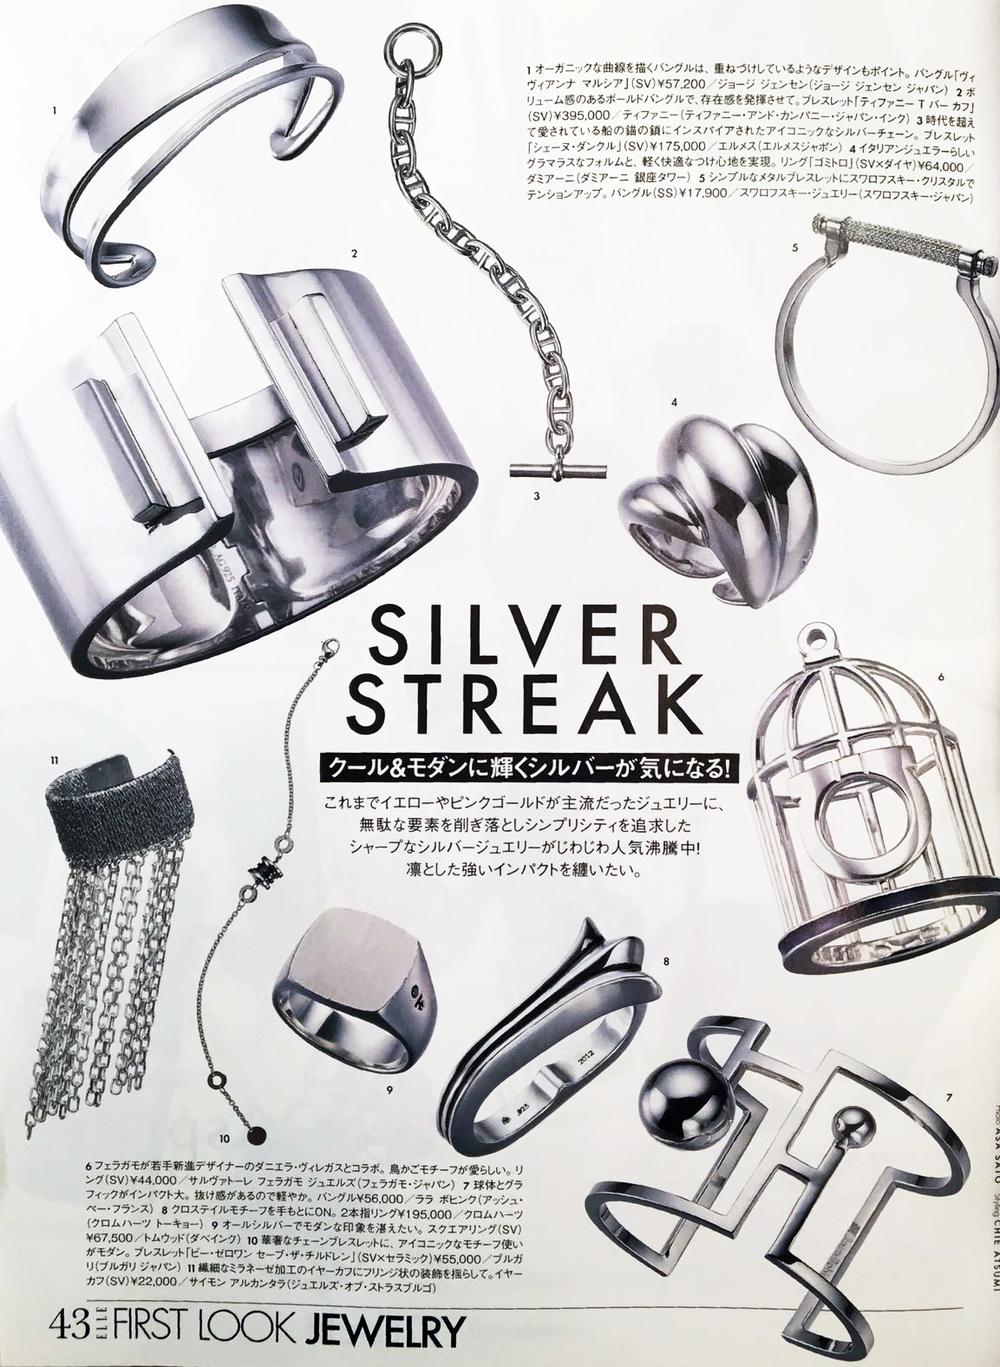 ELLE JAPAN, SEPTEMBER 2016 ISSUE. SIMON ALCANTARA HAND WOVEN STERLING SILVER FRINGE EAR CUFF